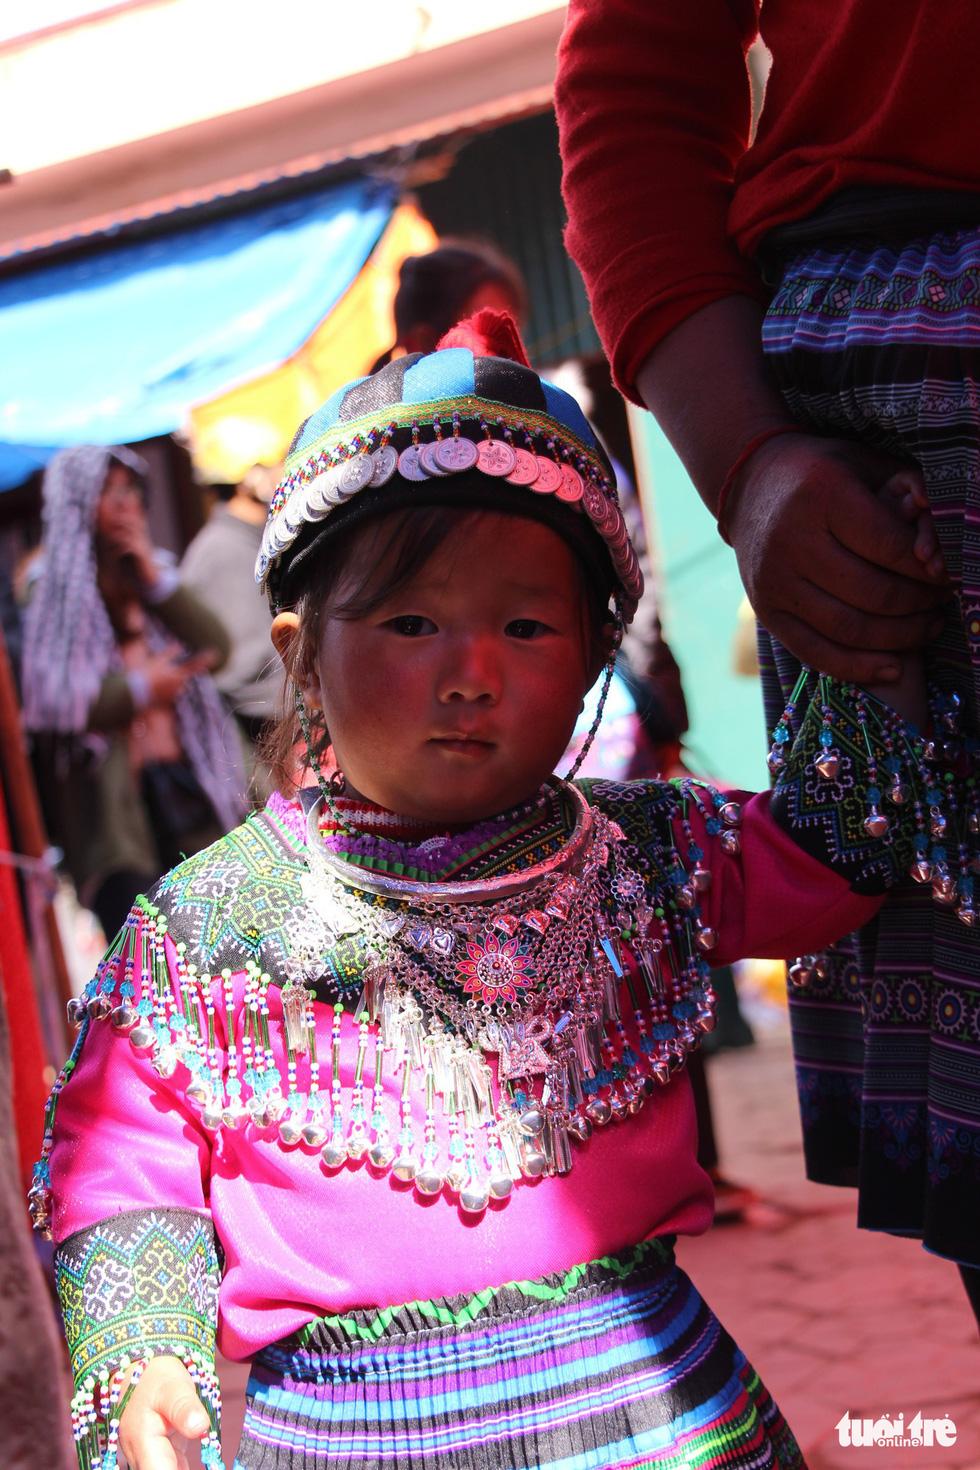 Em bé người Mông theo mẹ xuống phiên chợ giáp tết được mẹ mặc cho bộ váy áo mới sặc sỡ